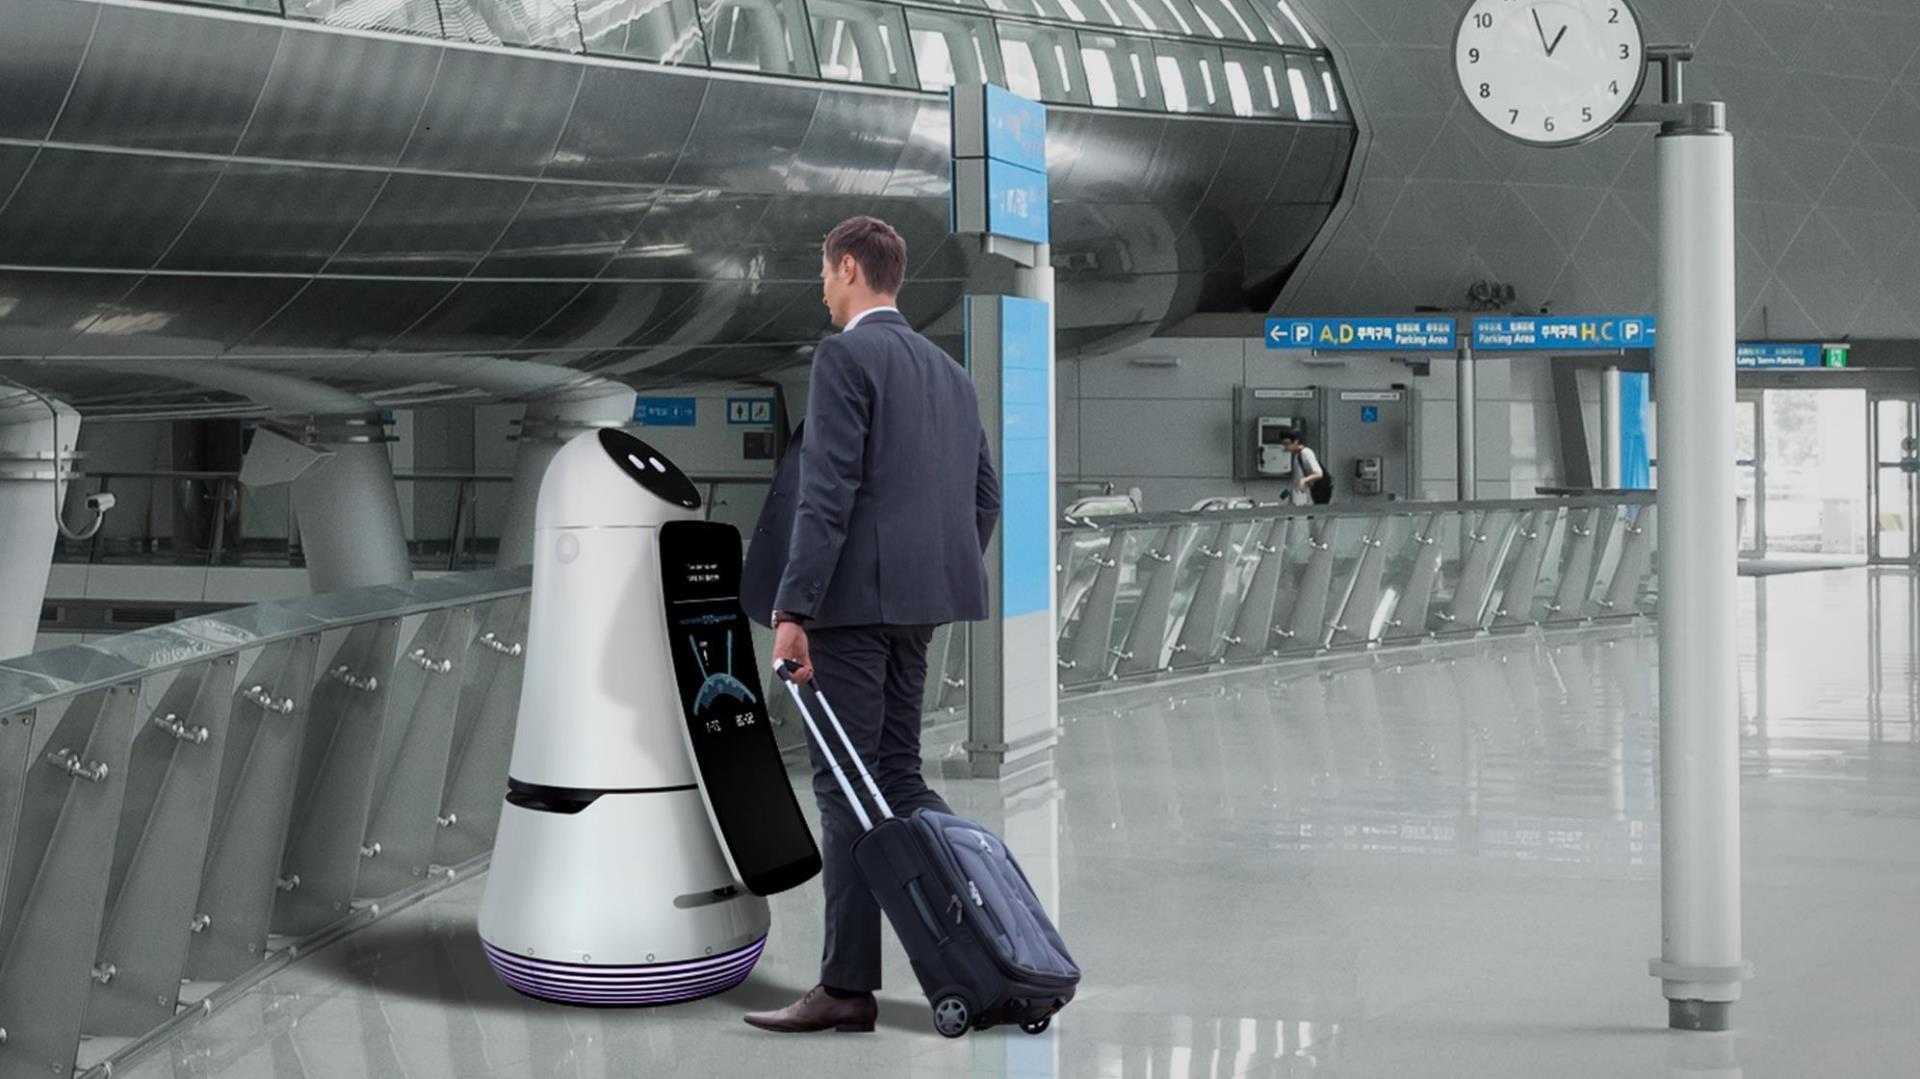 [Video] Así son los robots de LG que interactuarán con nosotros en los aeropuertos